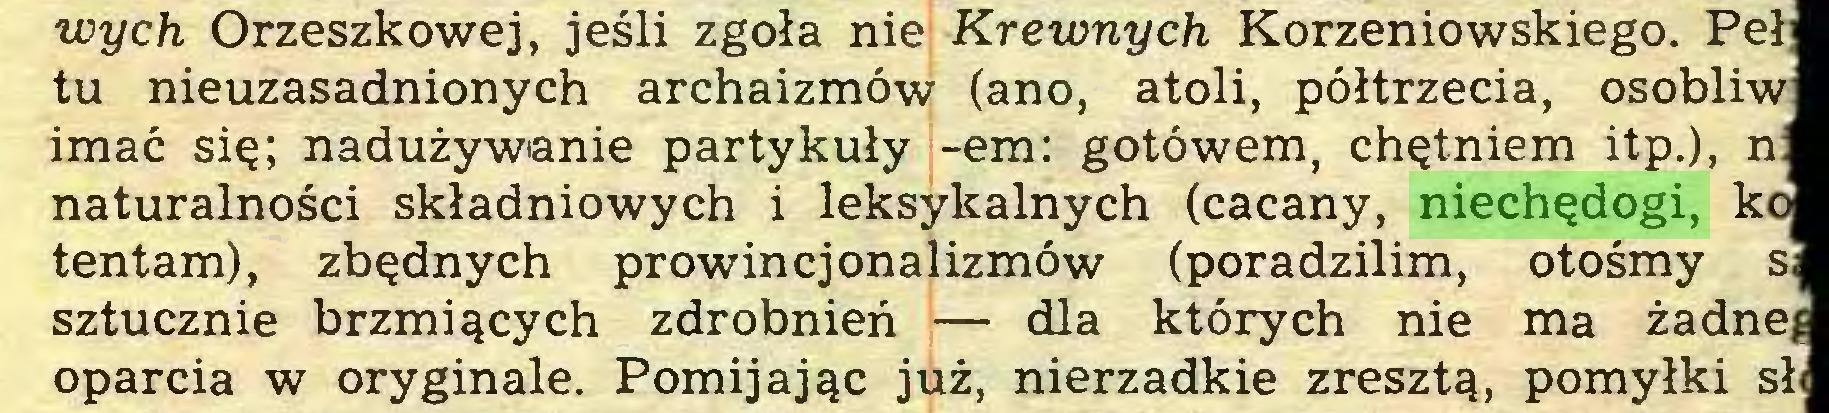 (...) wych Orzeszkowej, jeśli zgoła nie Krewnych Korzeniowskiego. Peł] tu nieuzasadnionych archaizmów (ano, atoli, półtrzecia, osobliw imać się; nadużywanie partykuły -em: gotówem, chętniem itp.), n: naturalności składniowych i leksykalnych (cacany, niechędogi, ko tentam), zbędnych prowincjonalizmów (poradzilim, otośmy s; sztucznie brzmiących zdrobnień — dla których nie ma żadnej oparcia w oryginale. Pomijając już, nierzadkie zresztą, pomyłki sł<...